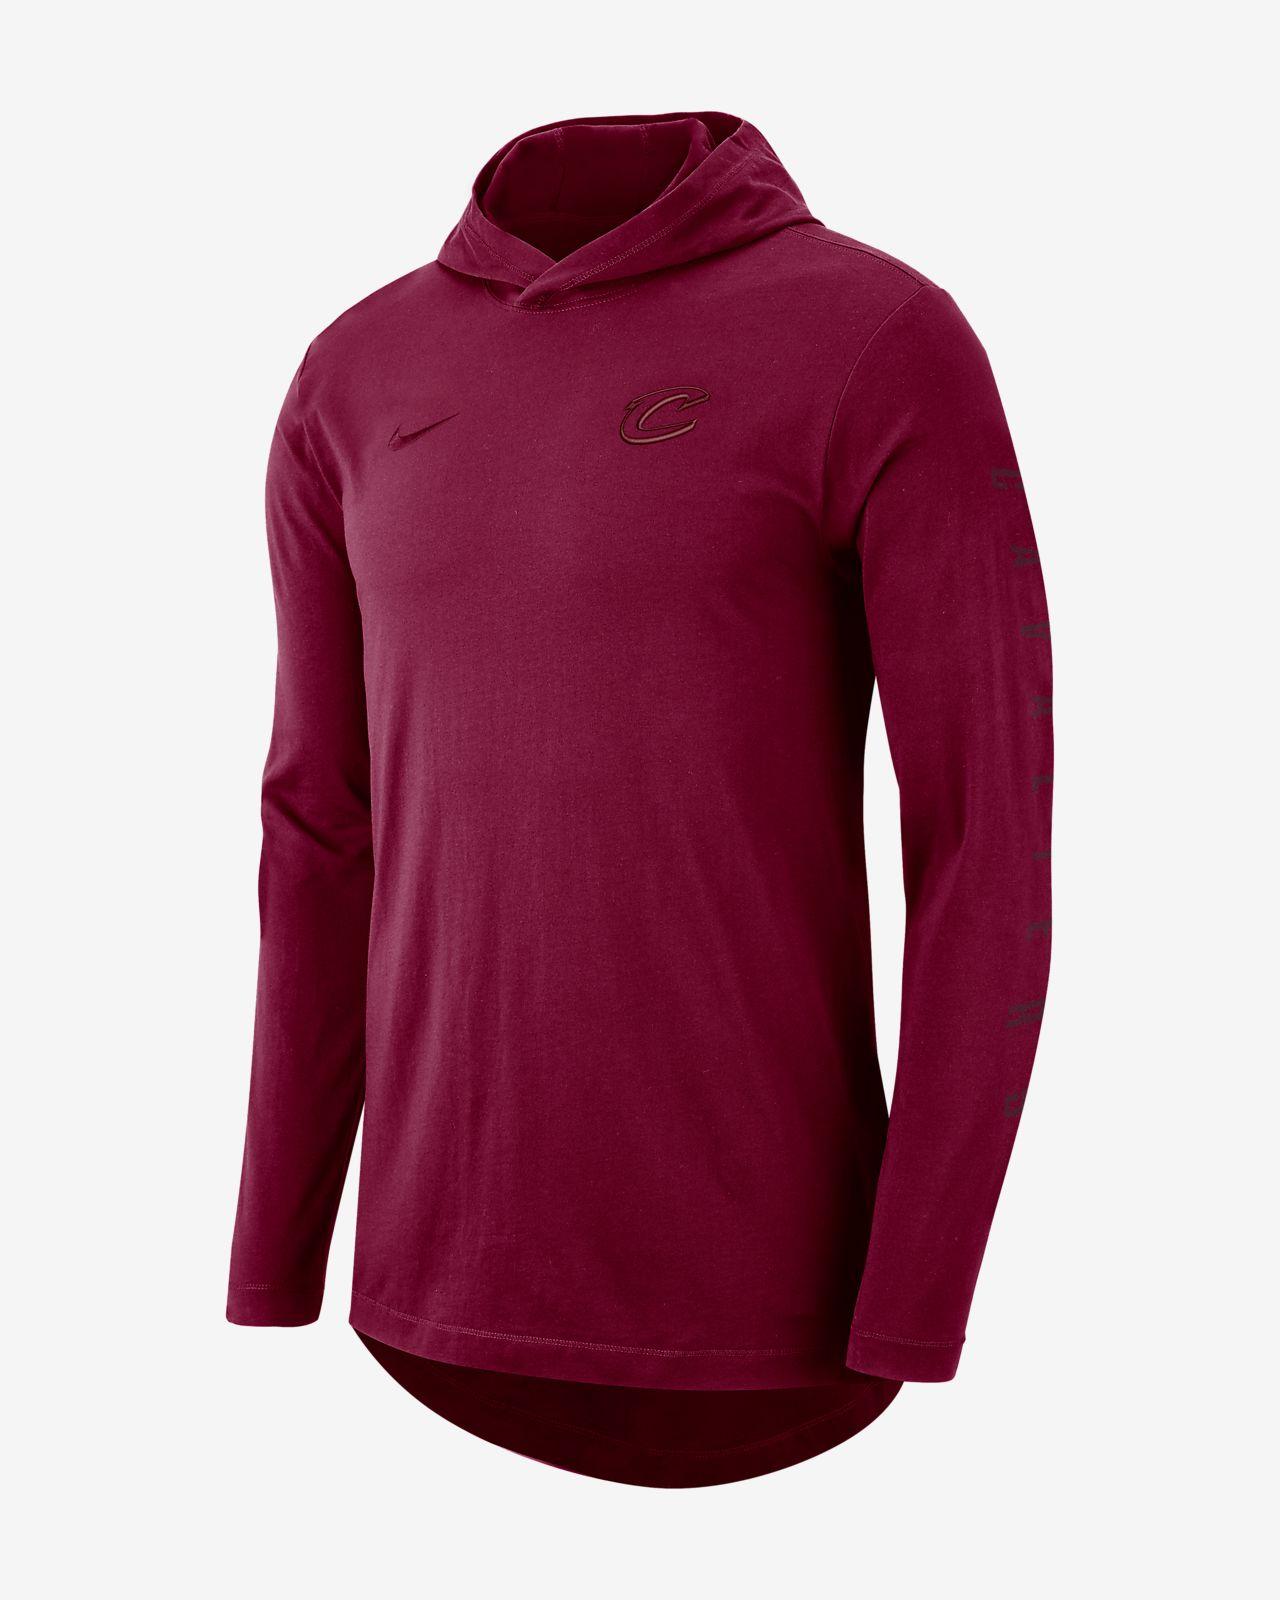 30446a0ce98a Cleveland Cavaliers Nike Men s Hooded Long-Sleeve NBA T-Shirt. Nike.com